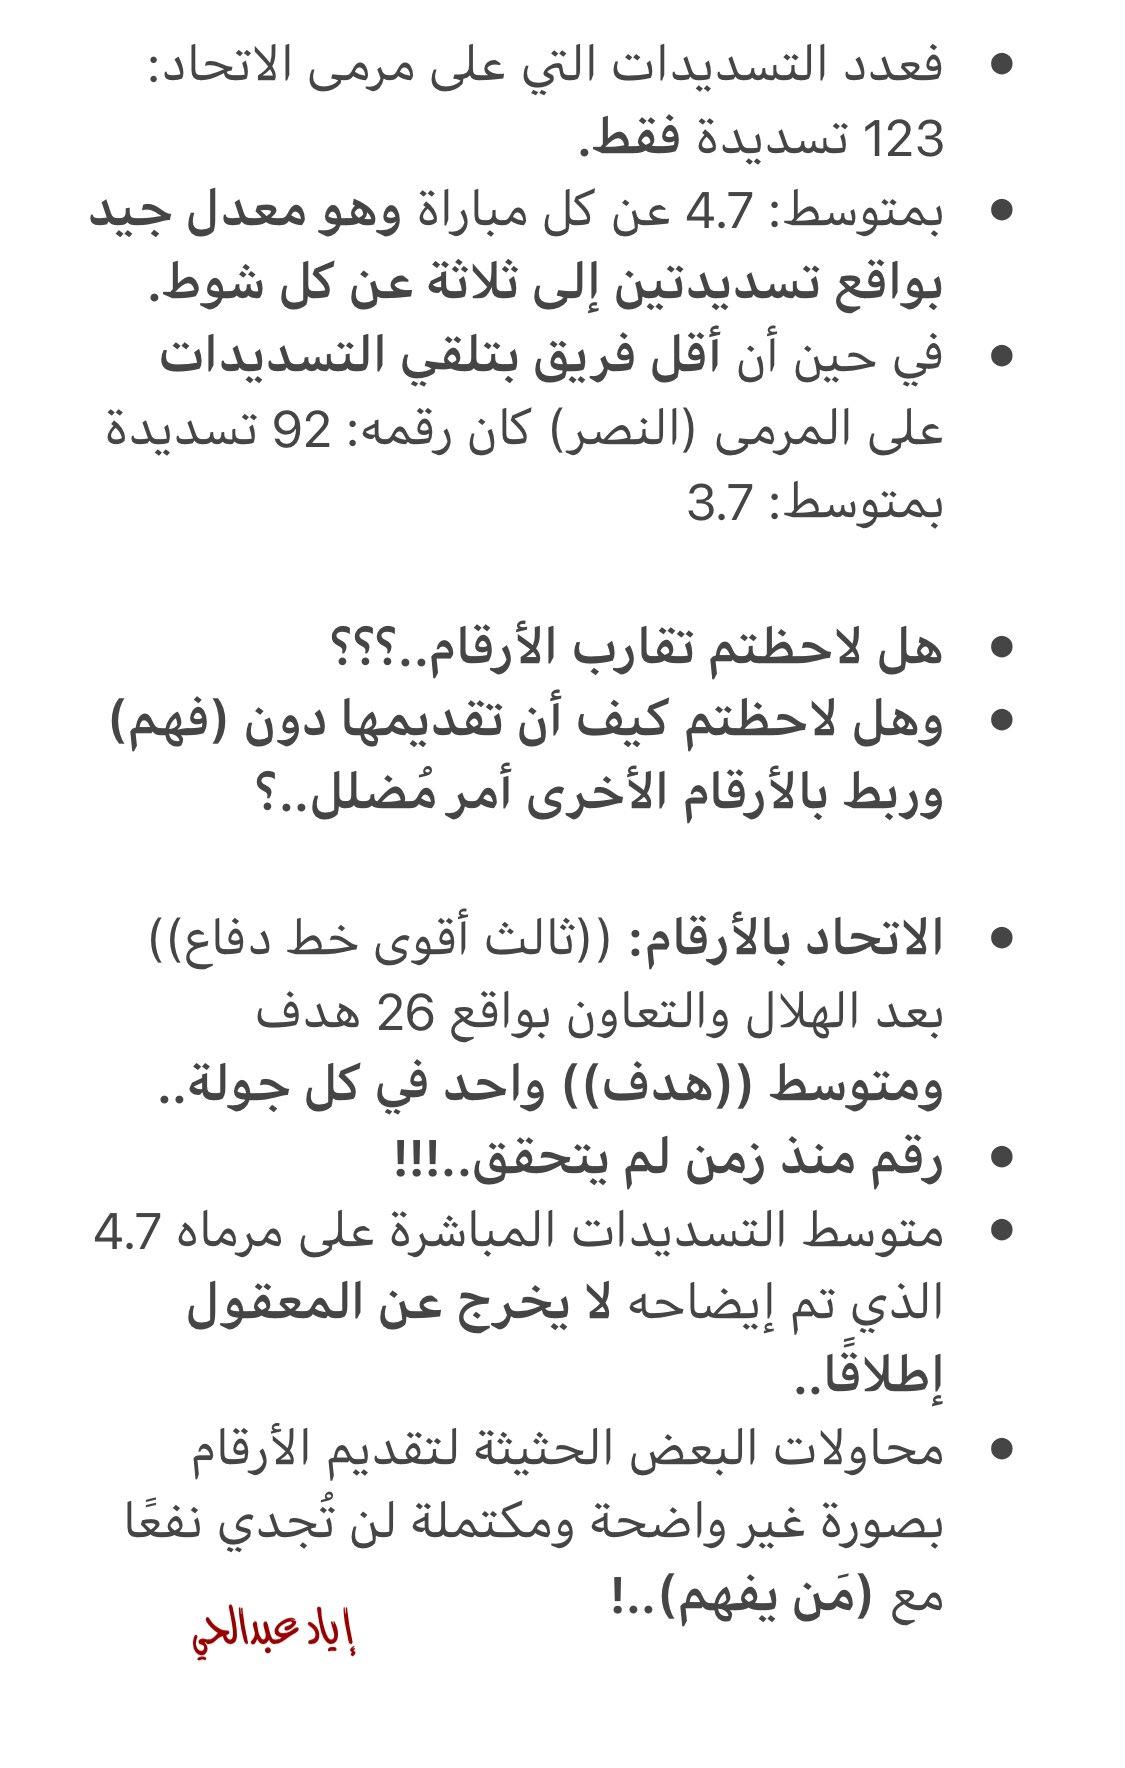 إياد عبدالحي : #الاتحاد ثالث أقوى خط دفاع بالأرقام !!!